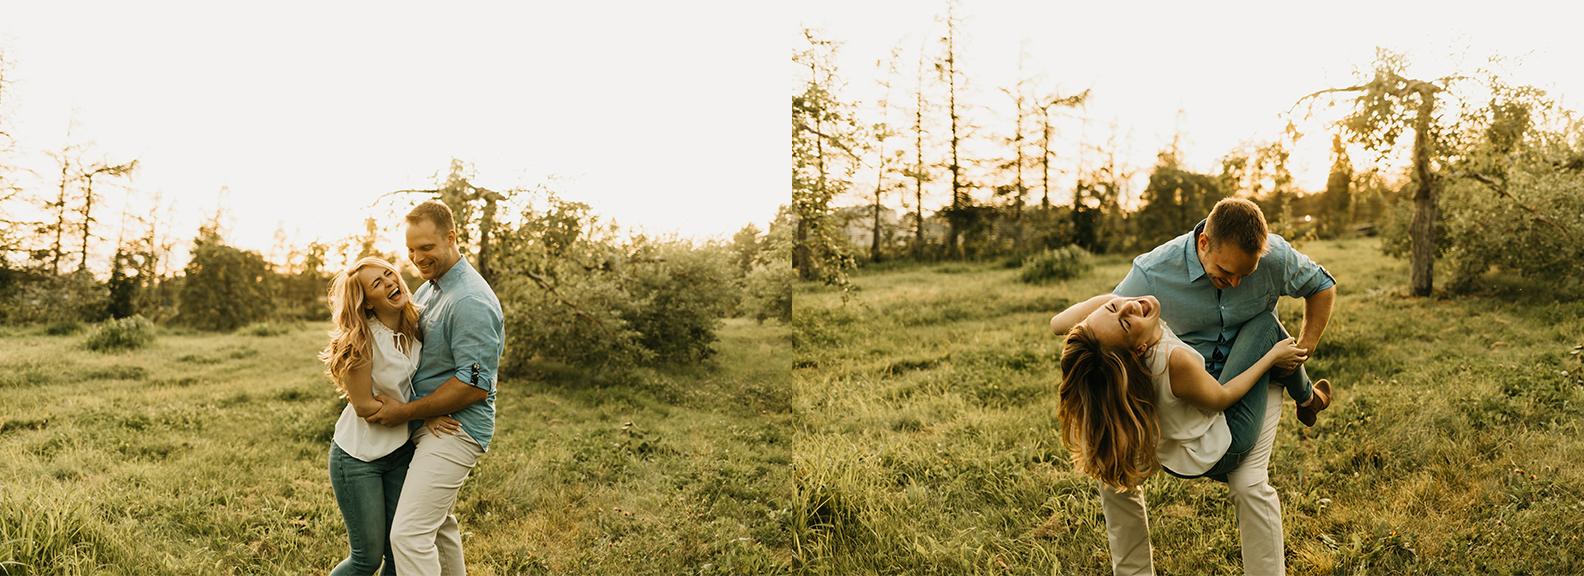 Engagement-shoot-Mont-saint-hilaire-québec-07.jpg